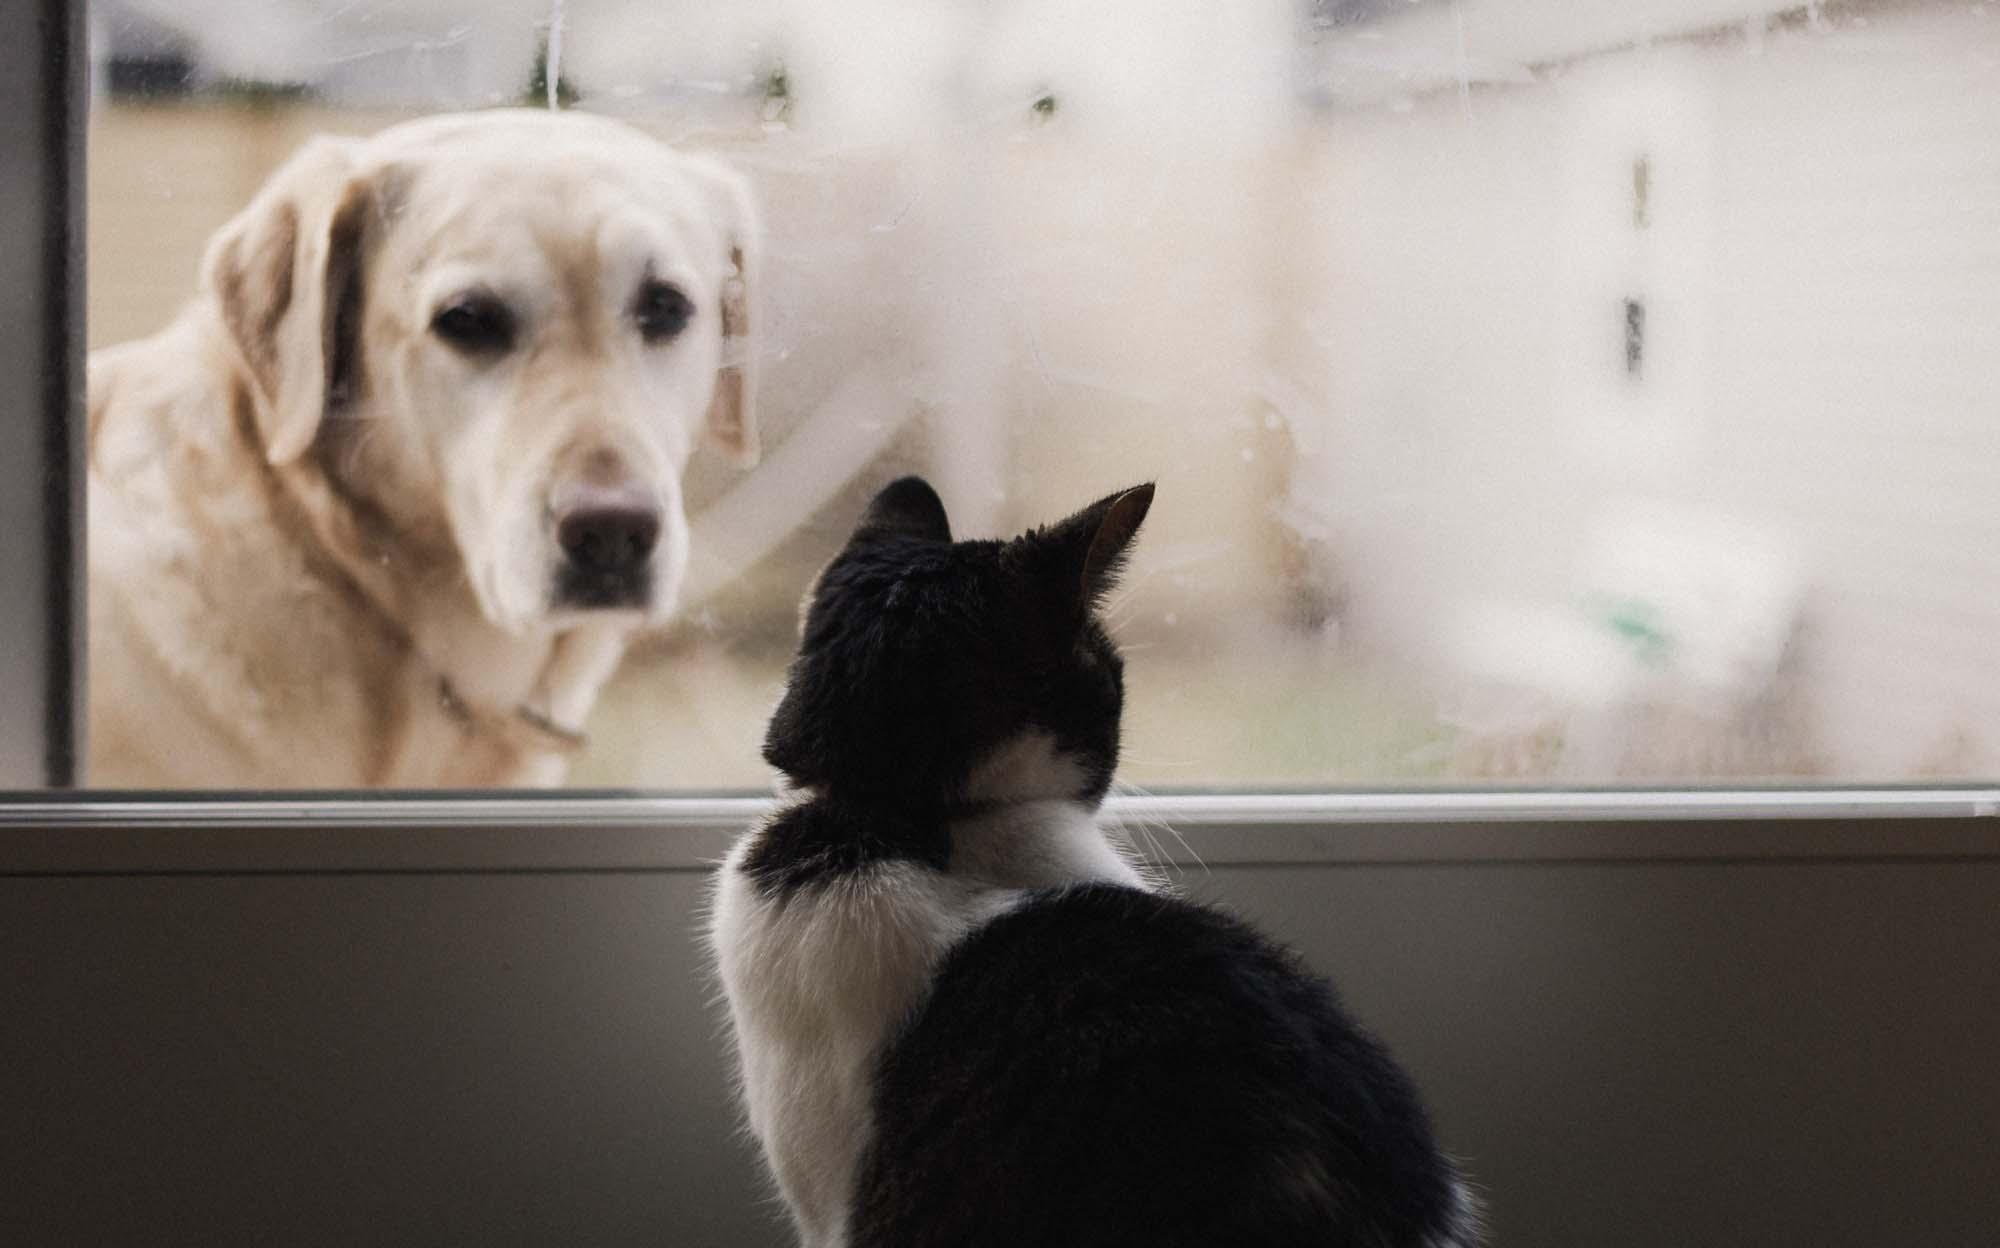 「トクする!防災」プロジェクト×日本動物愛護協会 ペットの防災対策コンテンツを公開